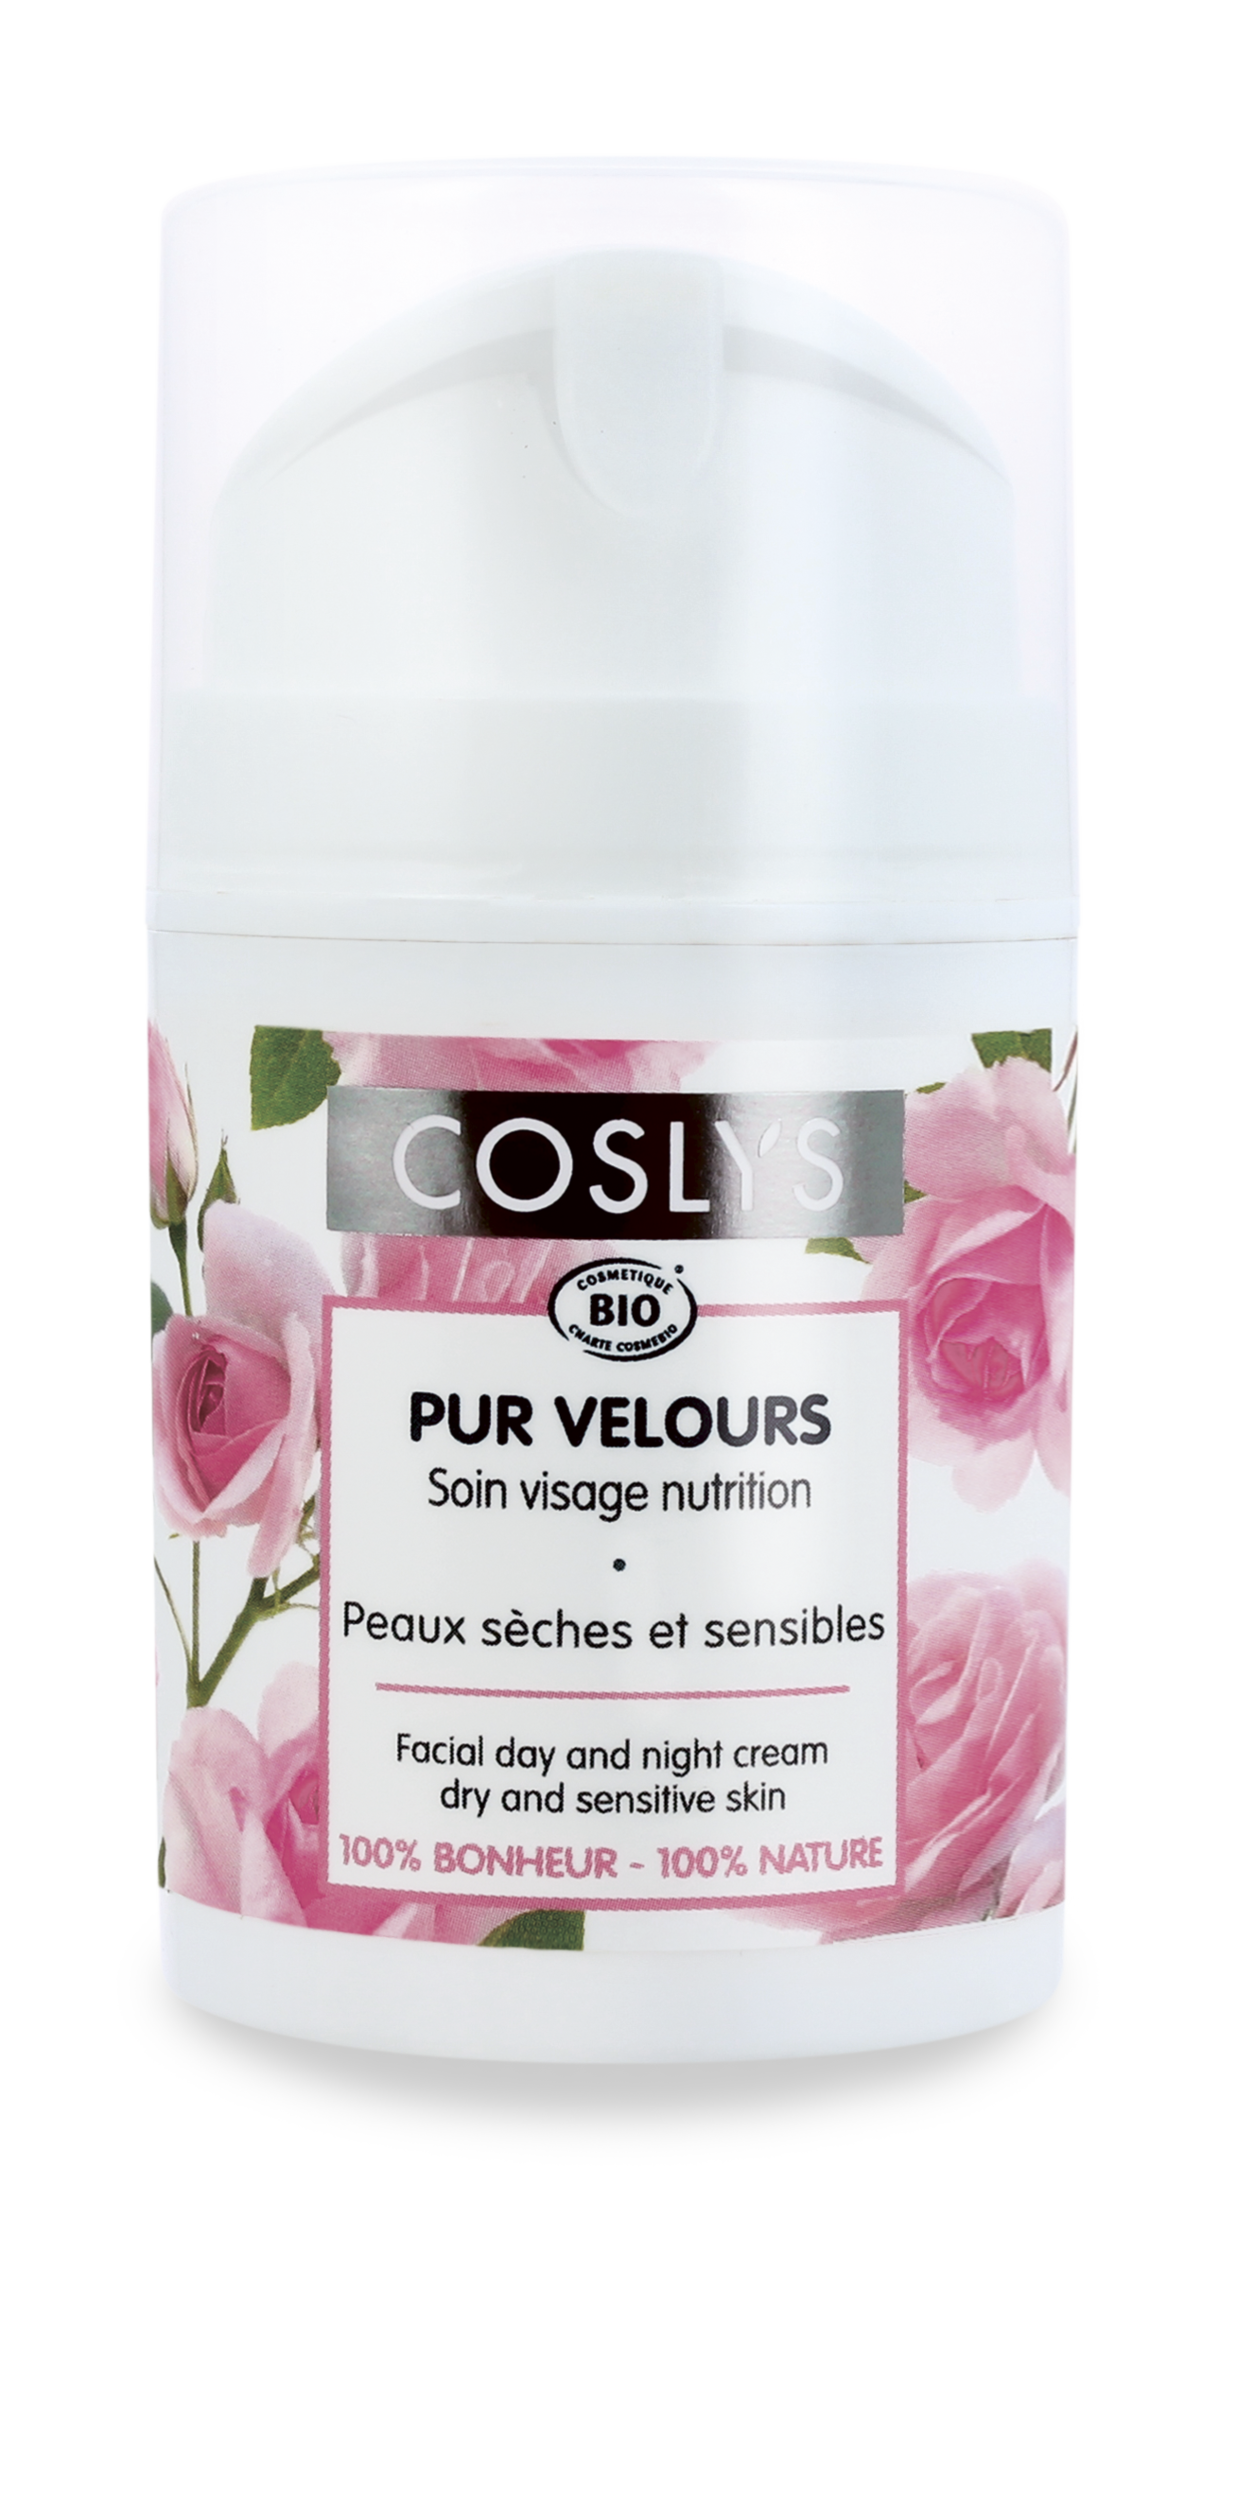 Coslys-Pur velours-soin nutrition visage peaux sensibles